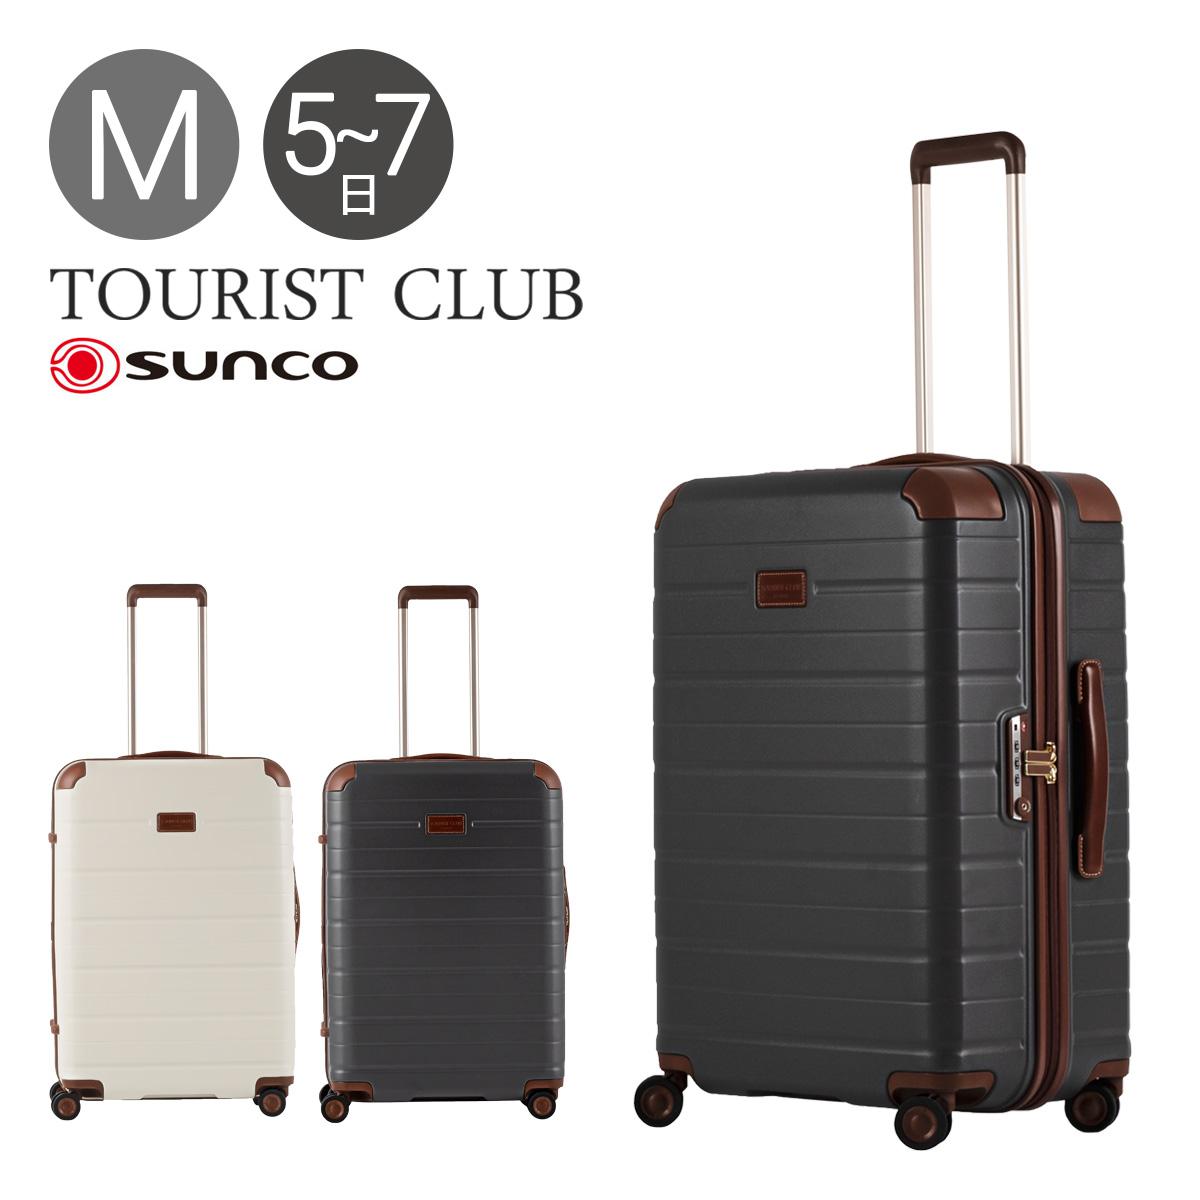 サンコー スーツケース|66L 63cm 4.4kg TC04-63|軽量 ハード ファスナー|SUNCO|静音 TSAロック搭載 HINOMOTO キャリーバッグ キャリーケース[PO10][bef][即日発送]